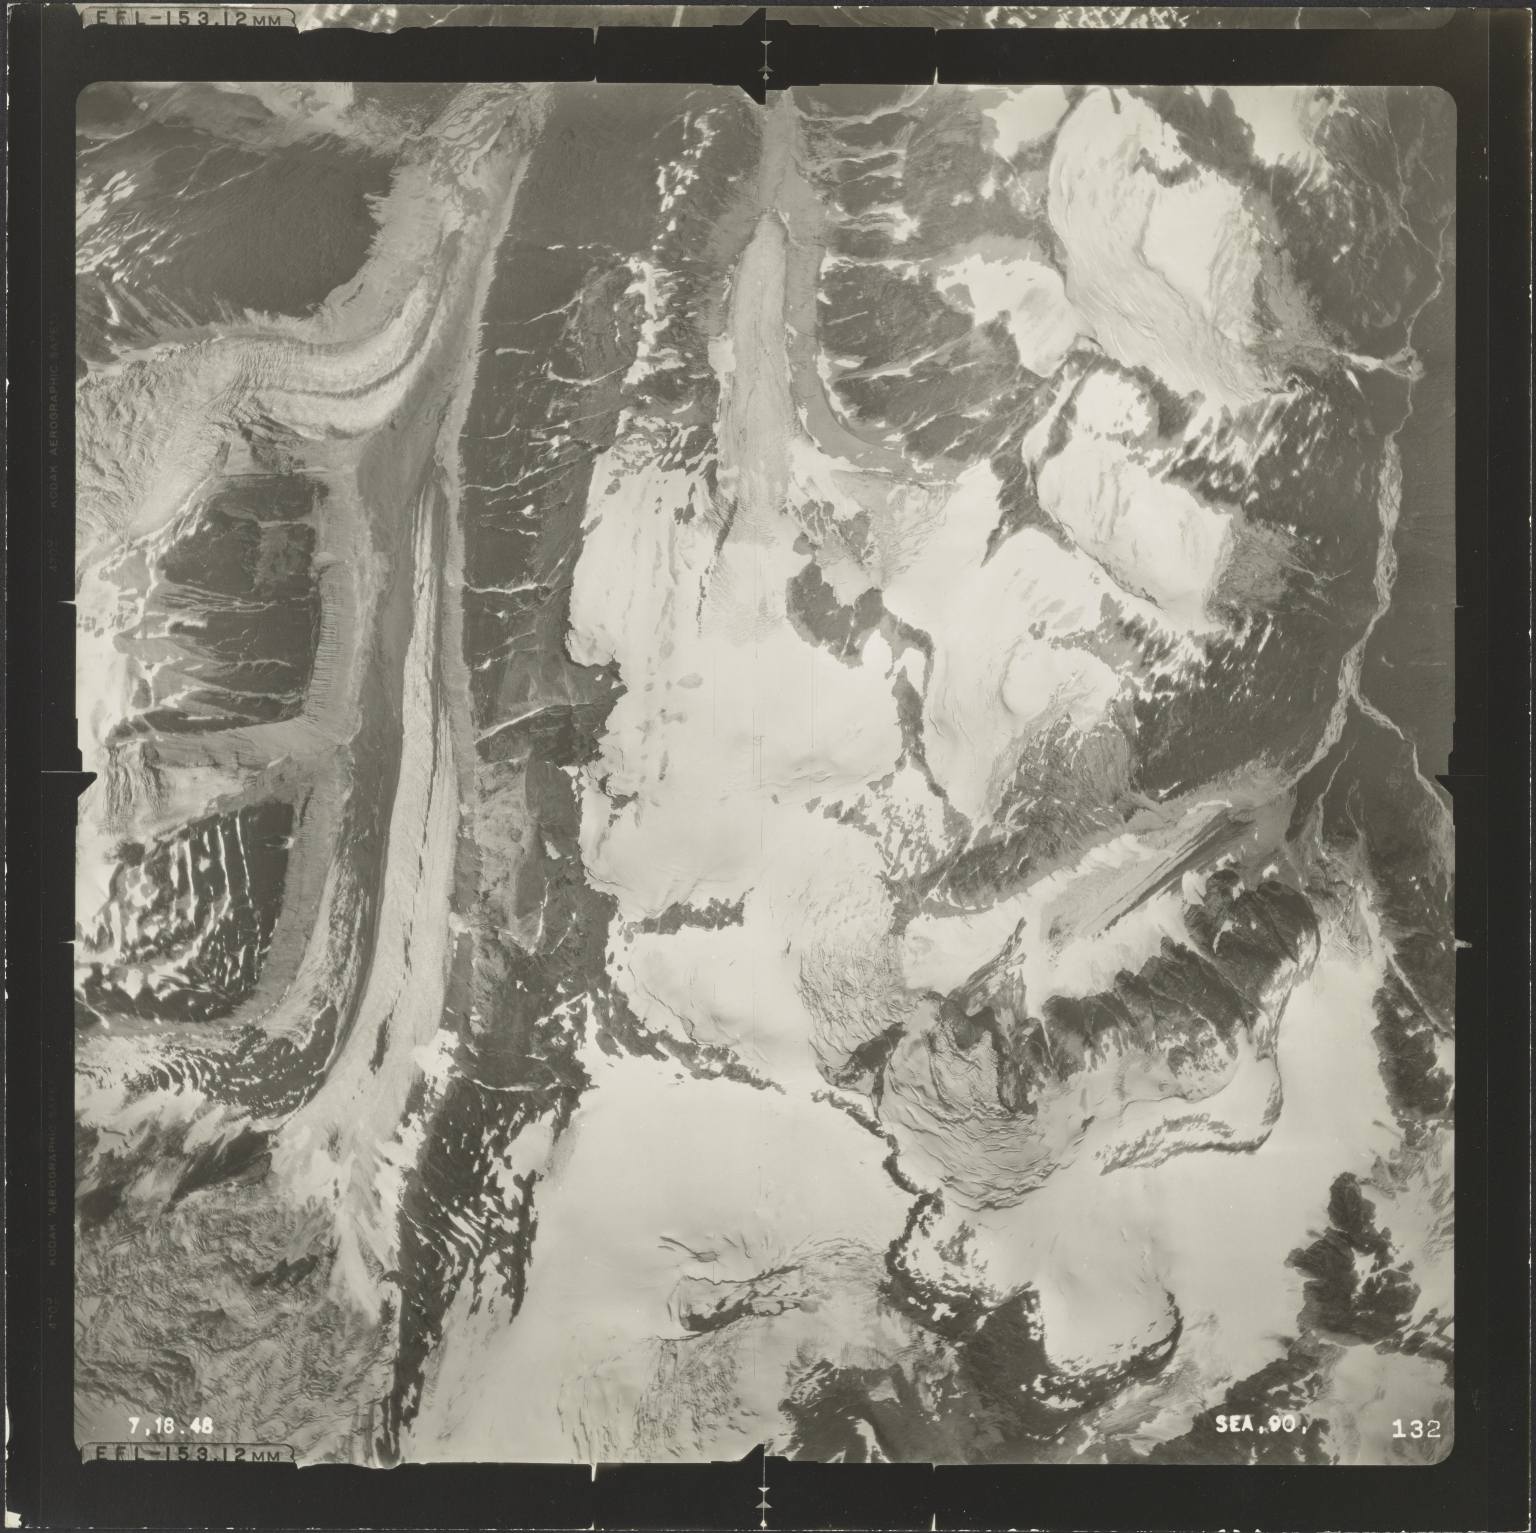 Unknown glaciers of Jekill River, aerial photograph SEA 90 132, British Columbia